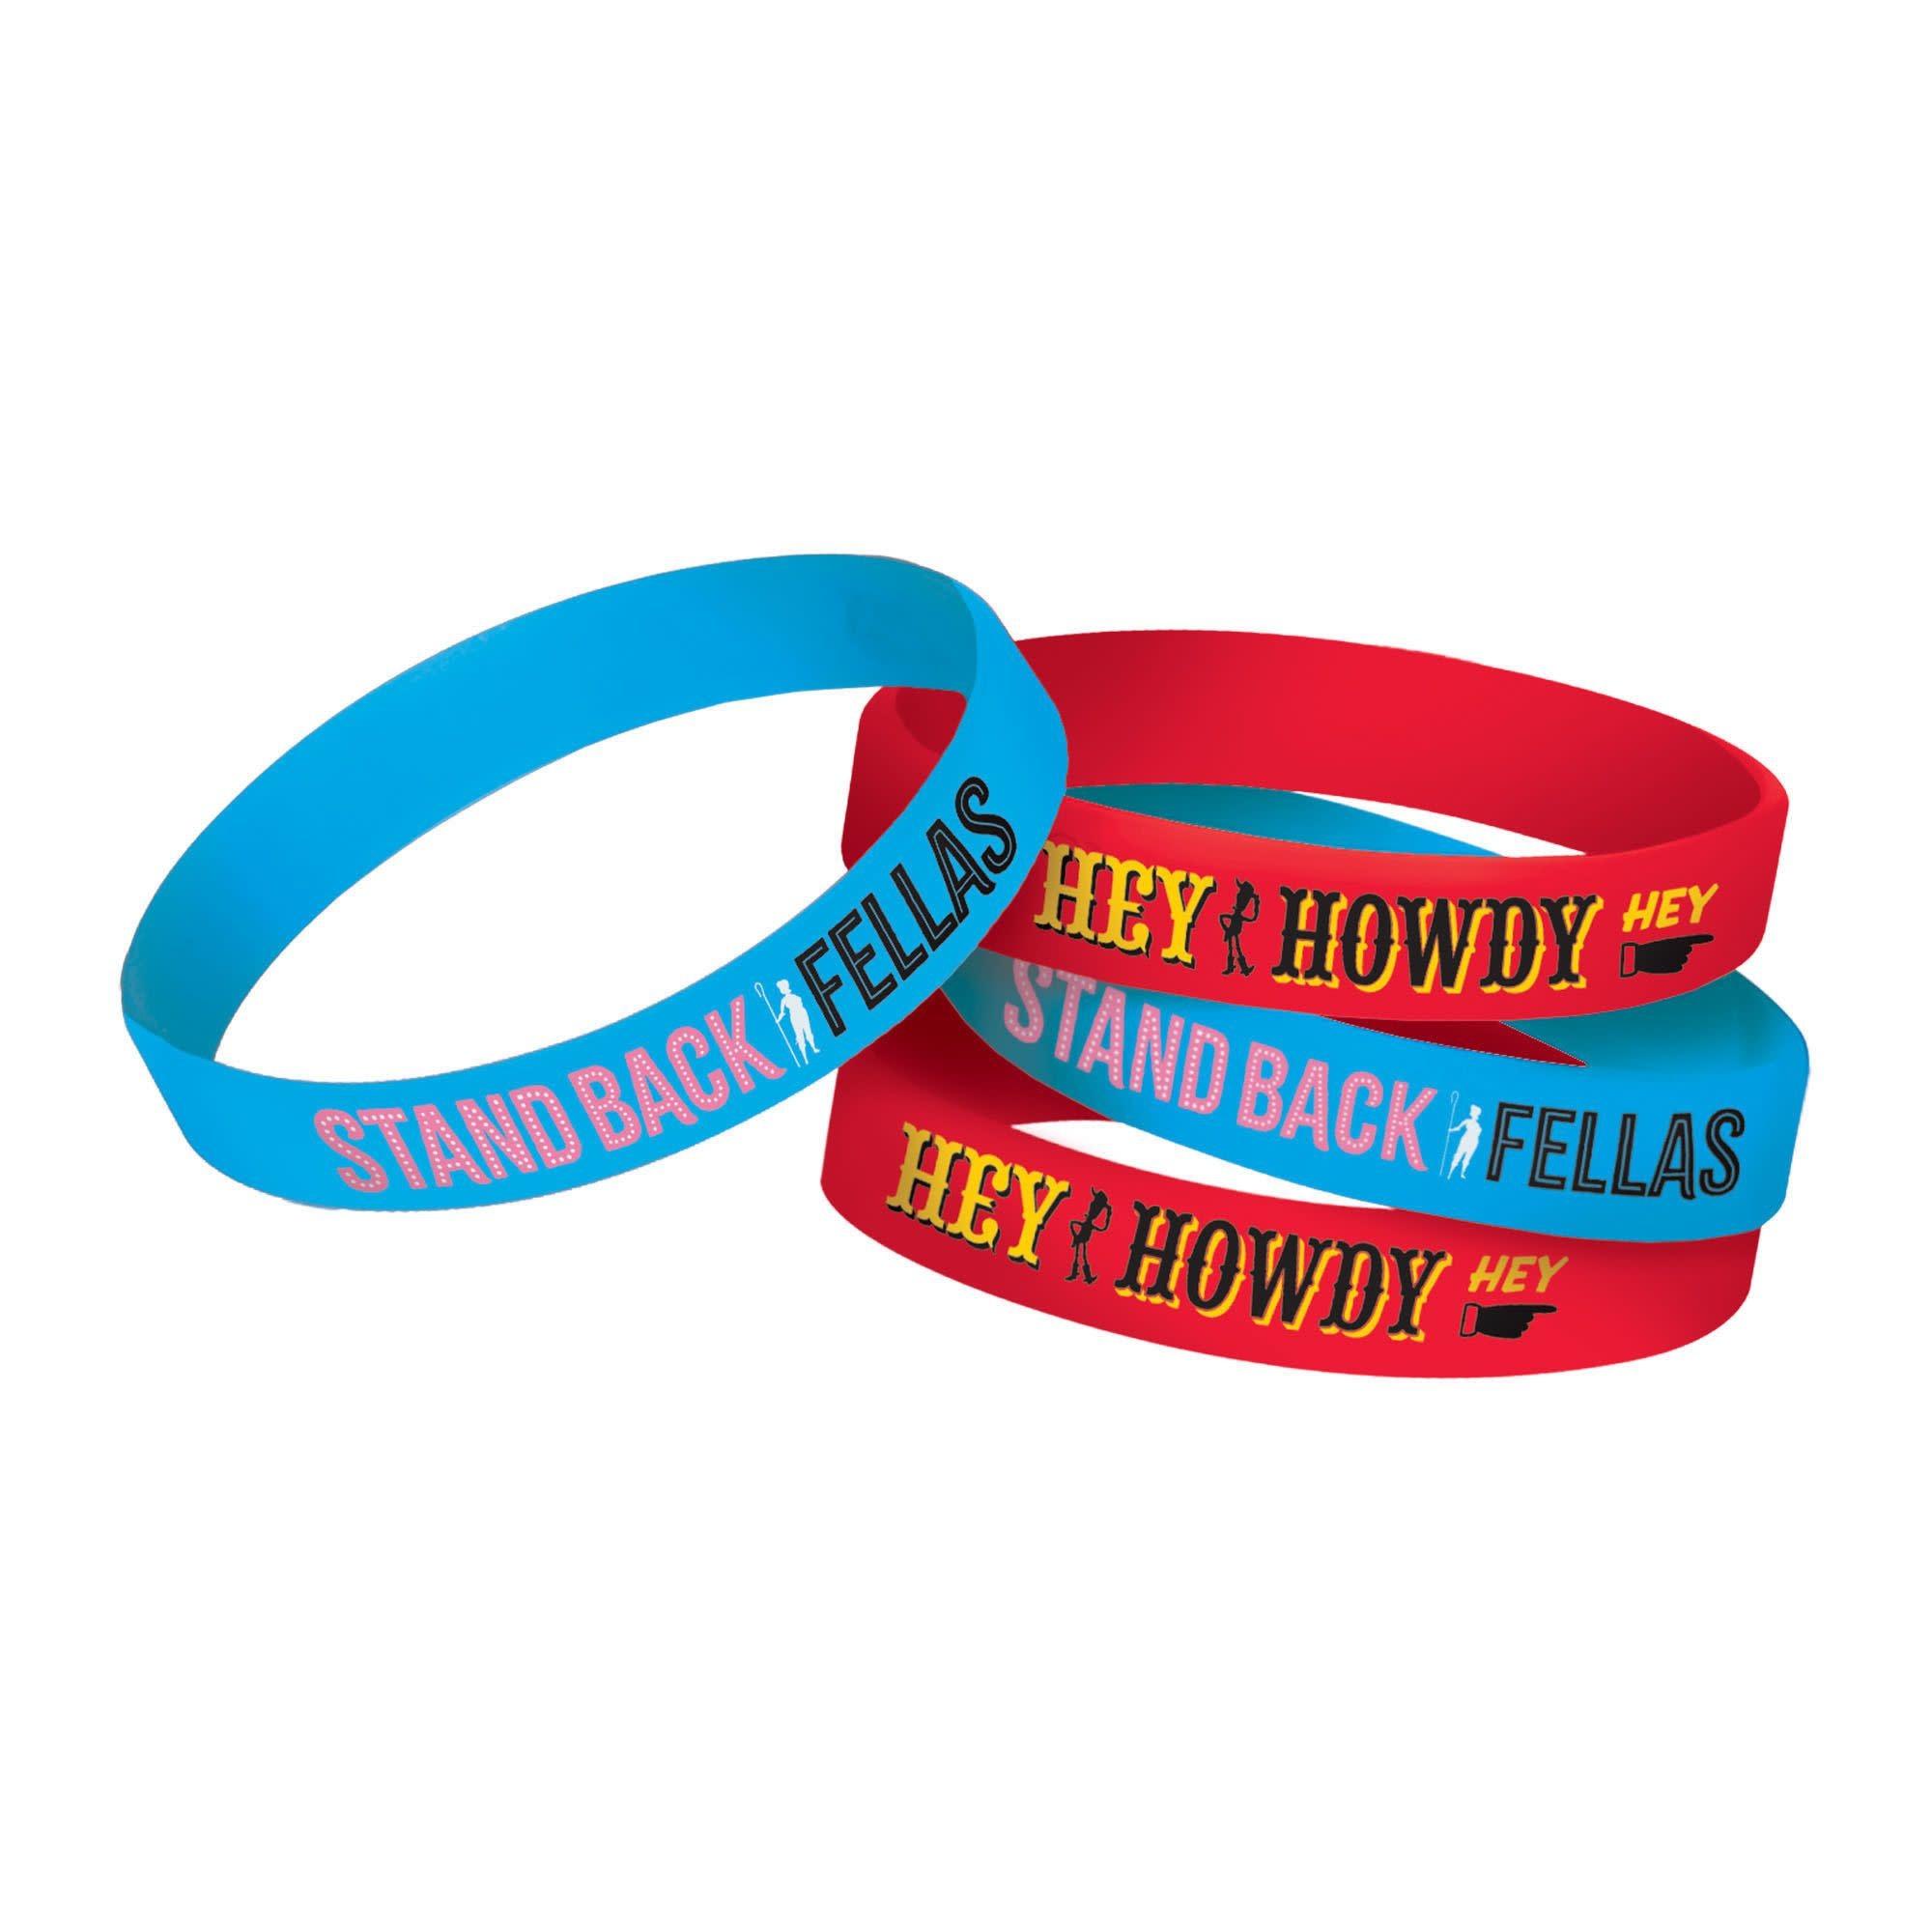 ©Disney/Pixar Toy Story 4 Rubber Bracelets